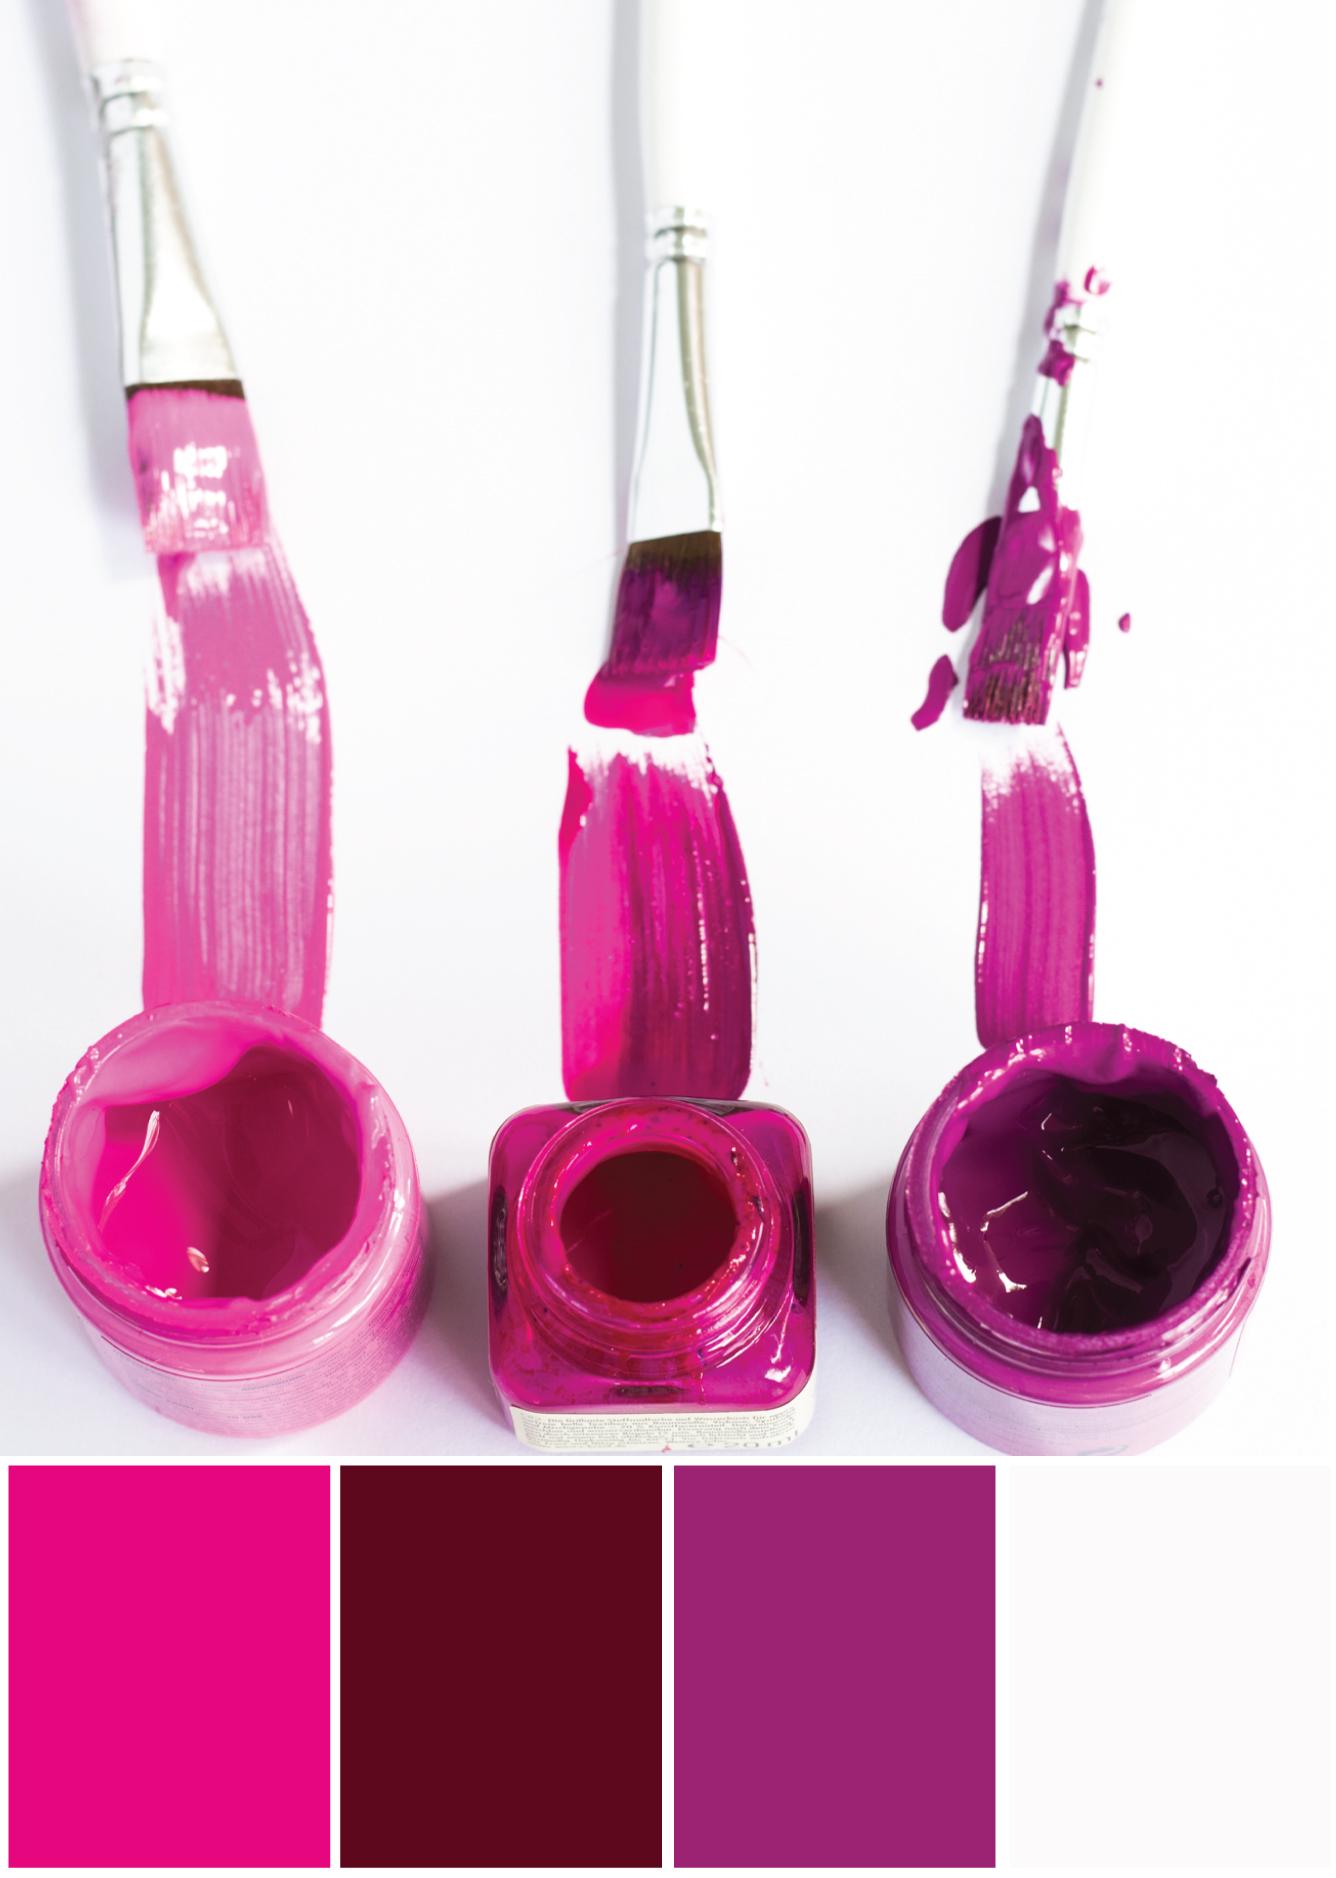 Farbkombinationen Lila Pink - Farbpalette by Tweed & Greet